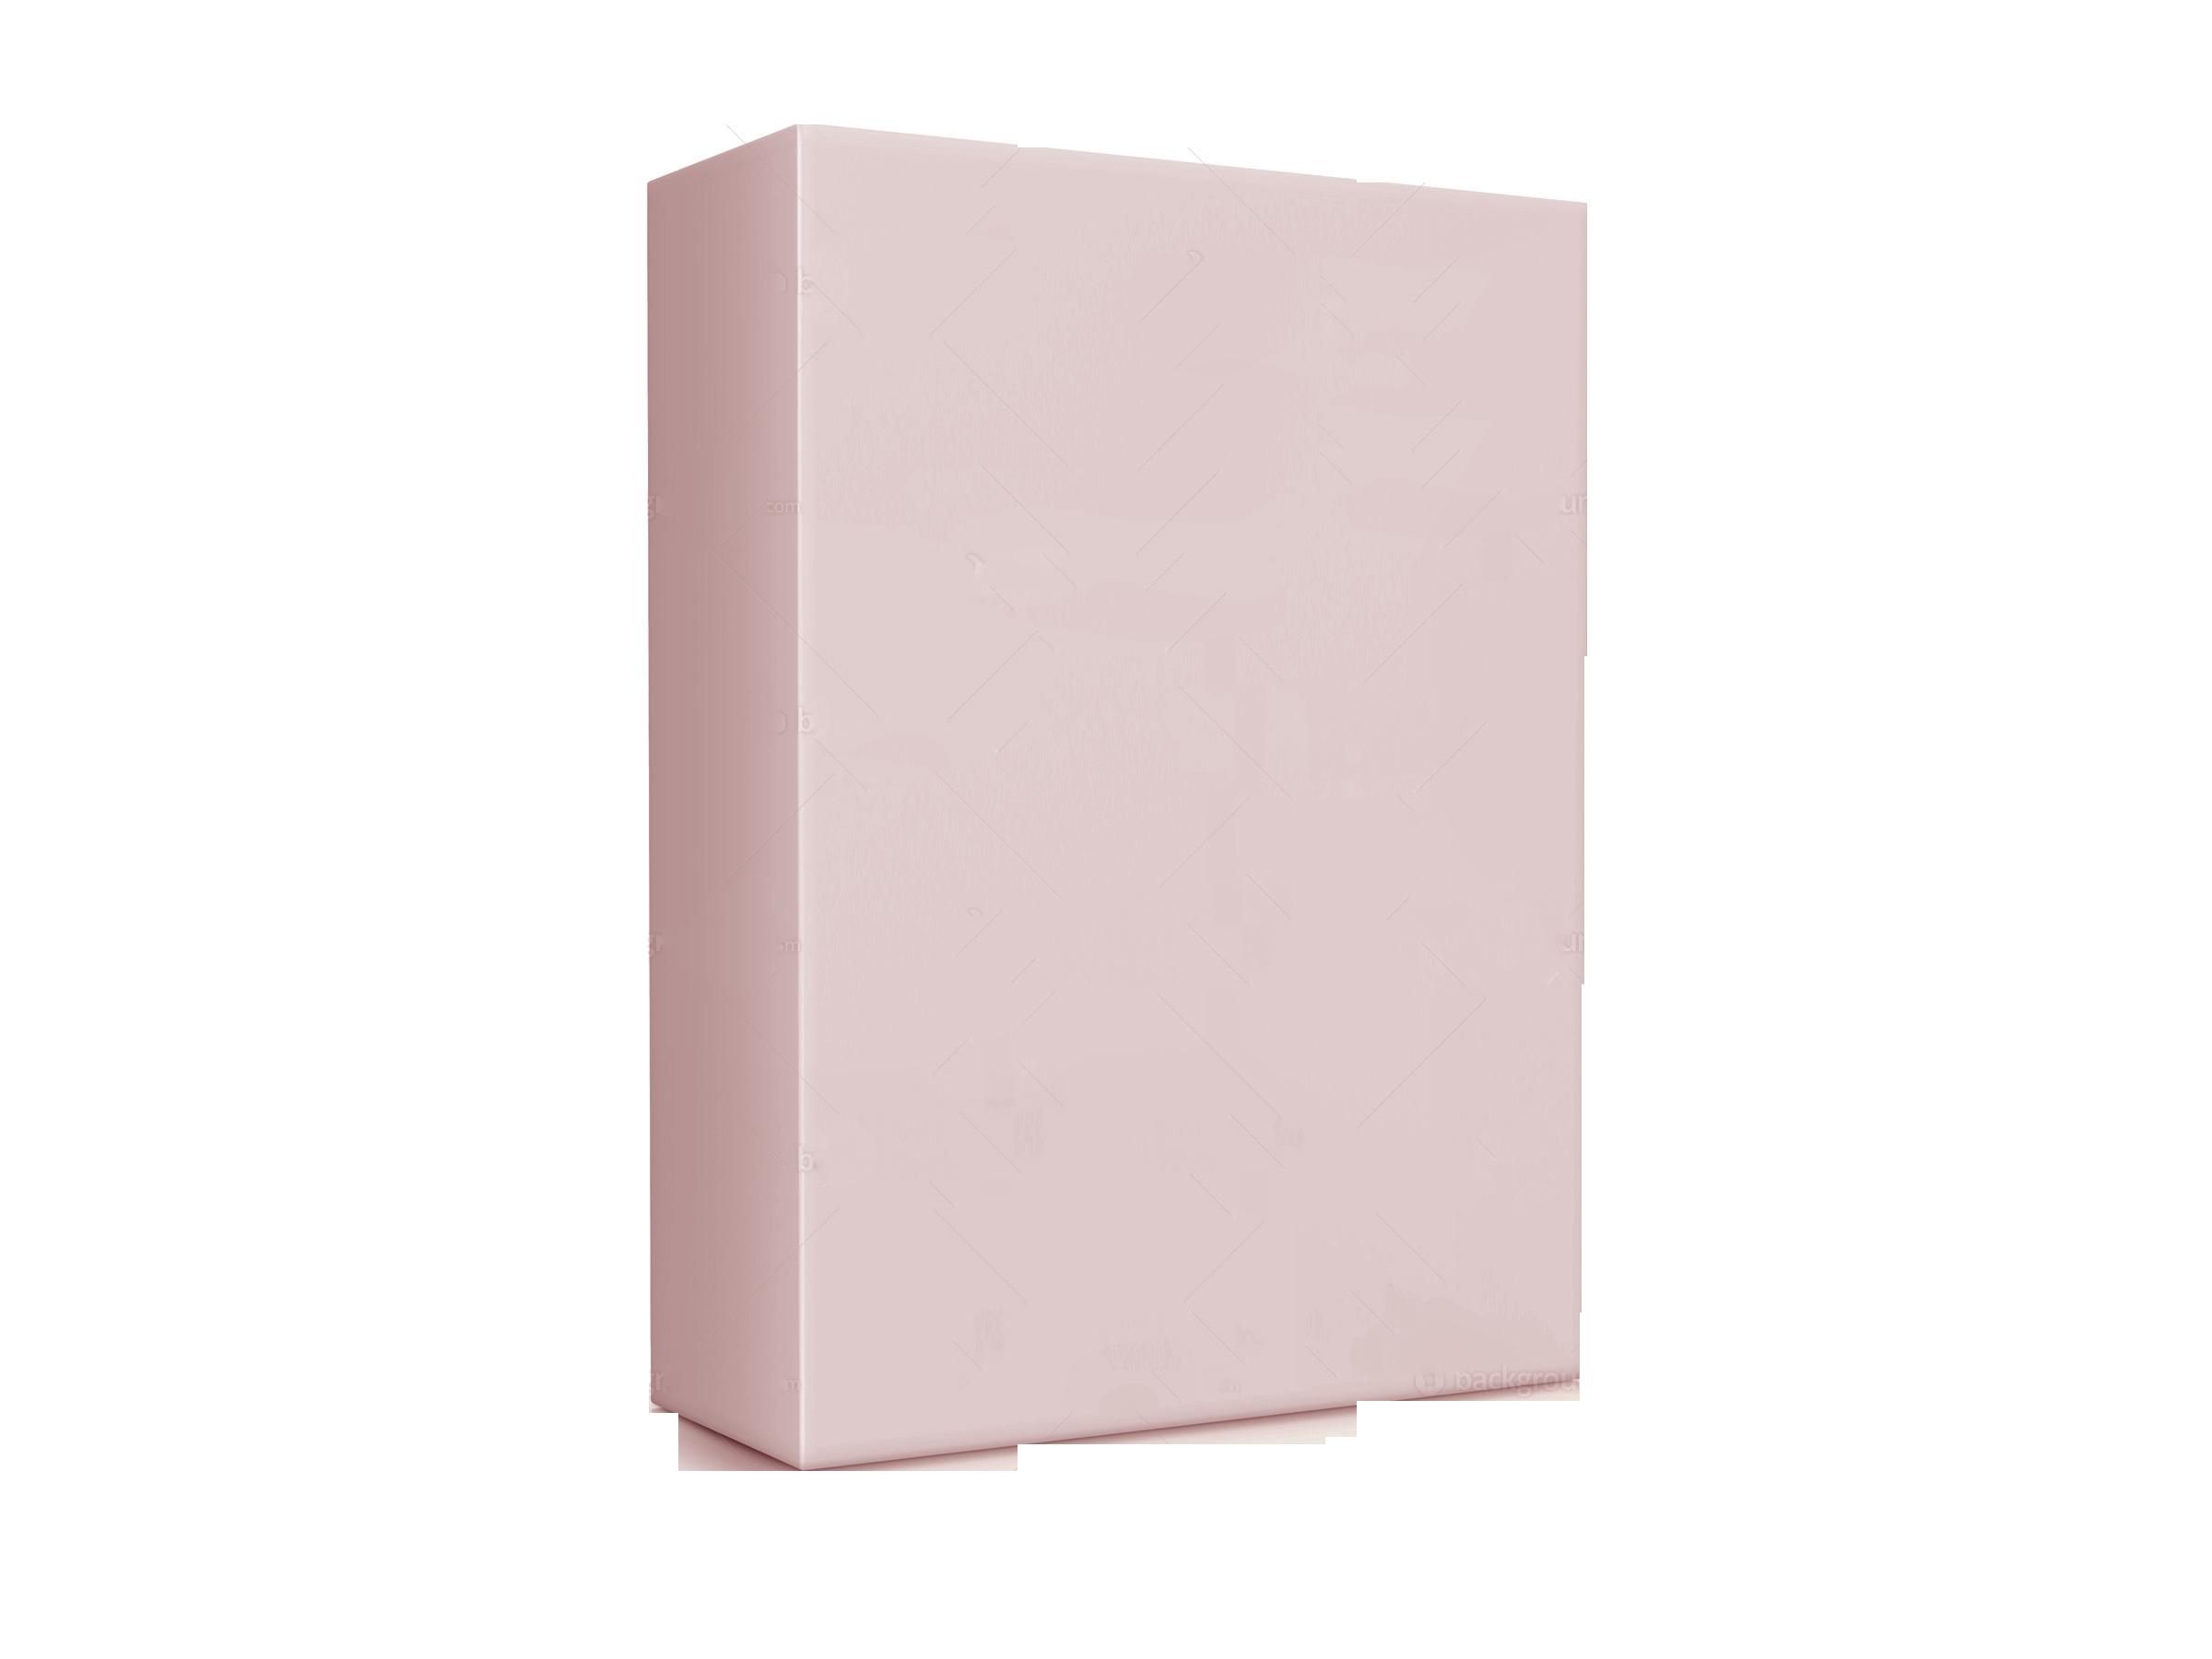 Фасовка сыпучих продуктов в картонные пачки